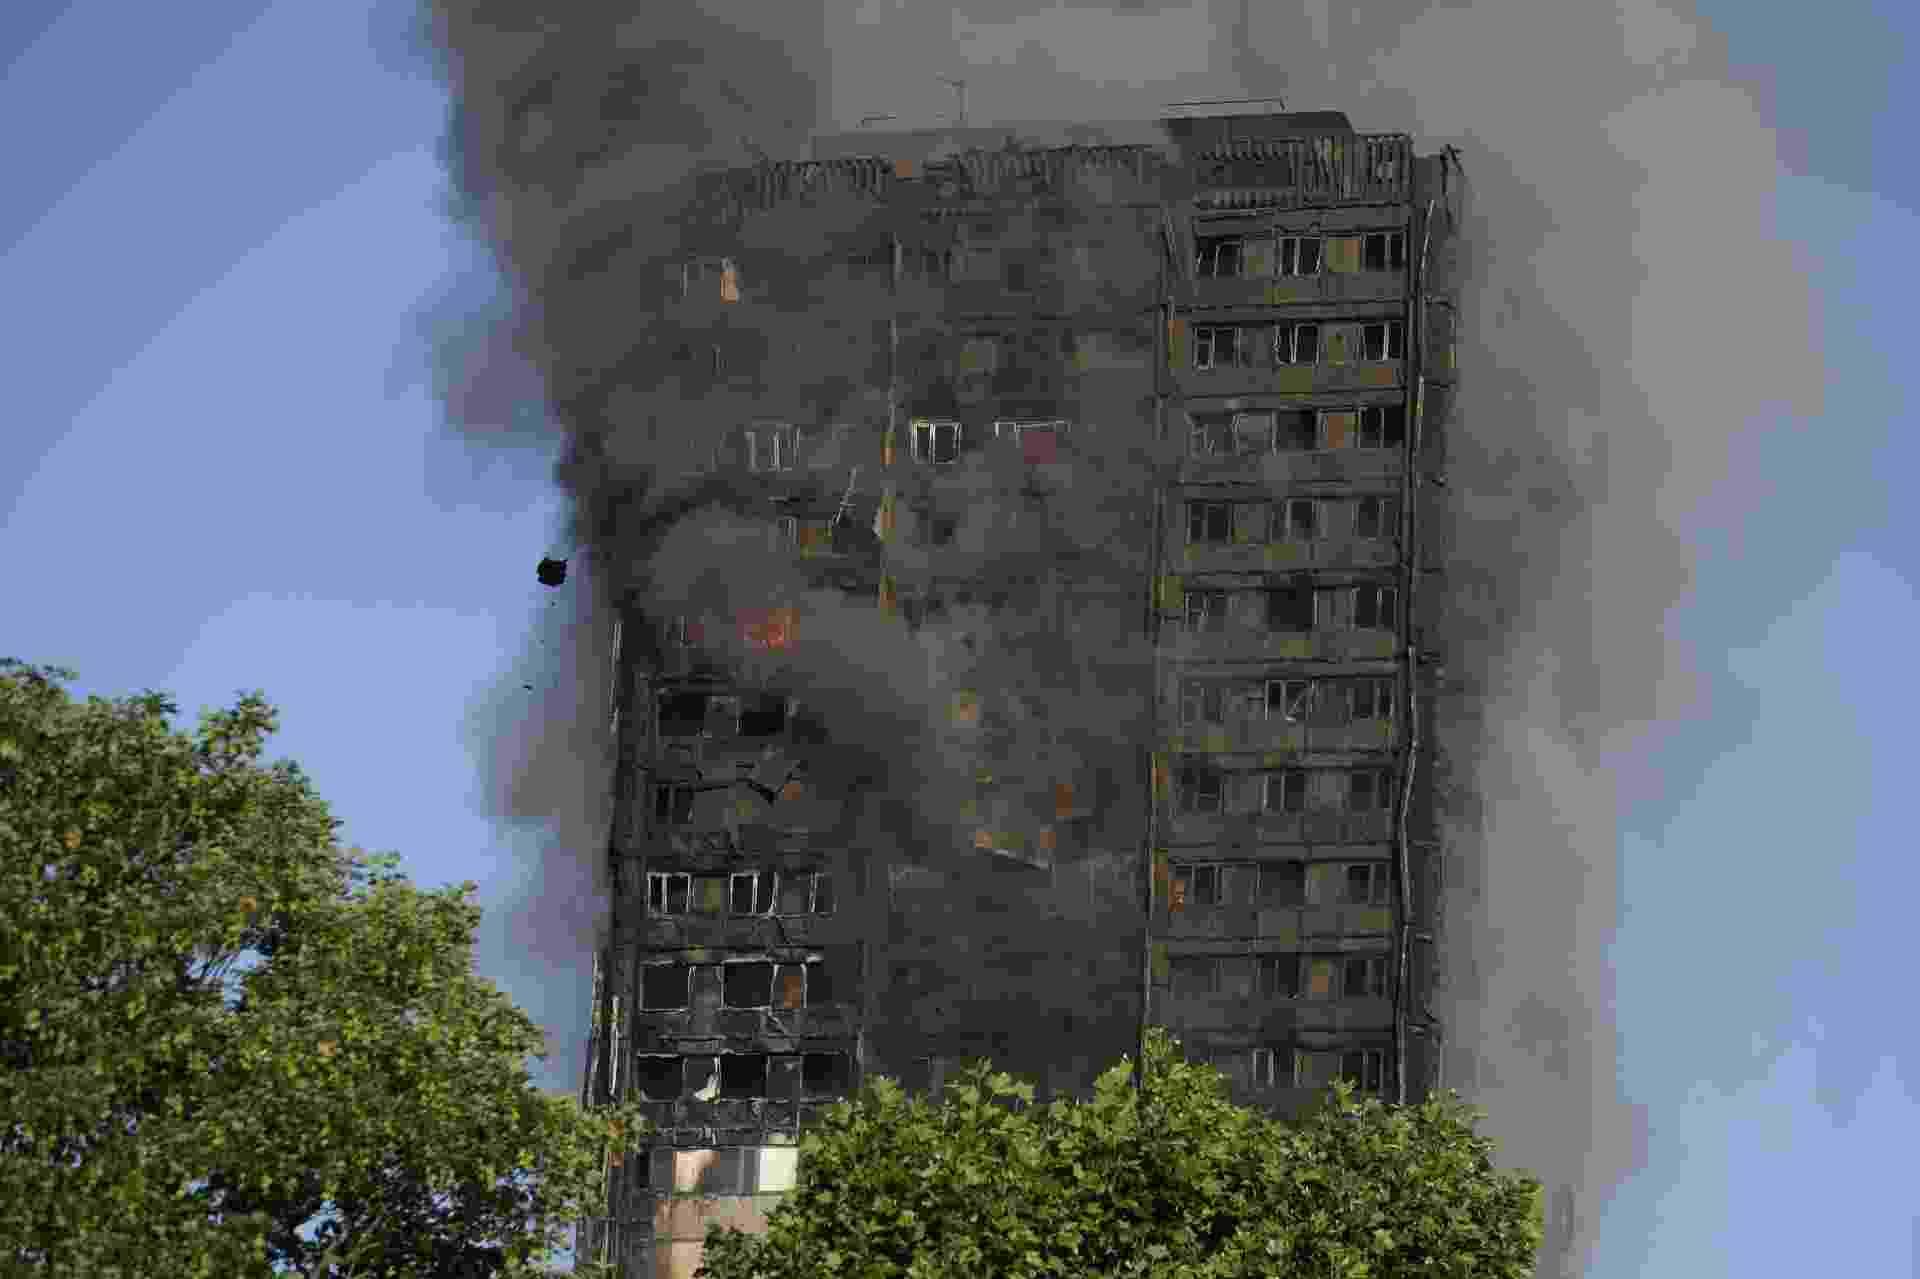 14.jun.2017 - Depois de contidas as chamas, resta a fumaça no prédio que foi atingido por um incêndio de grandes proporções na madrugada - Daniel Leal-Olivas/AFP Photo